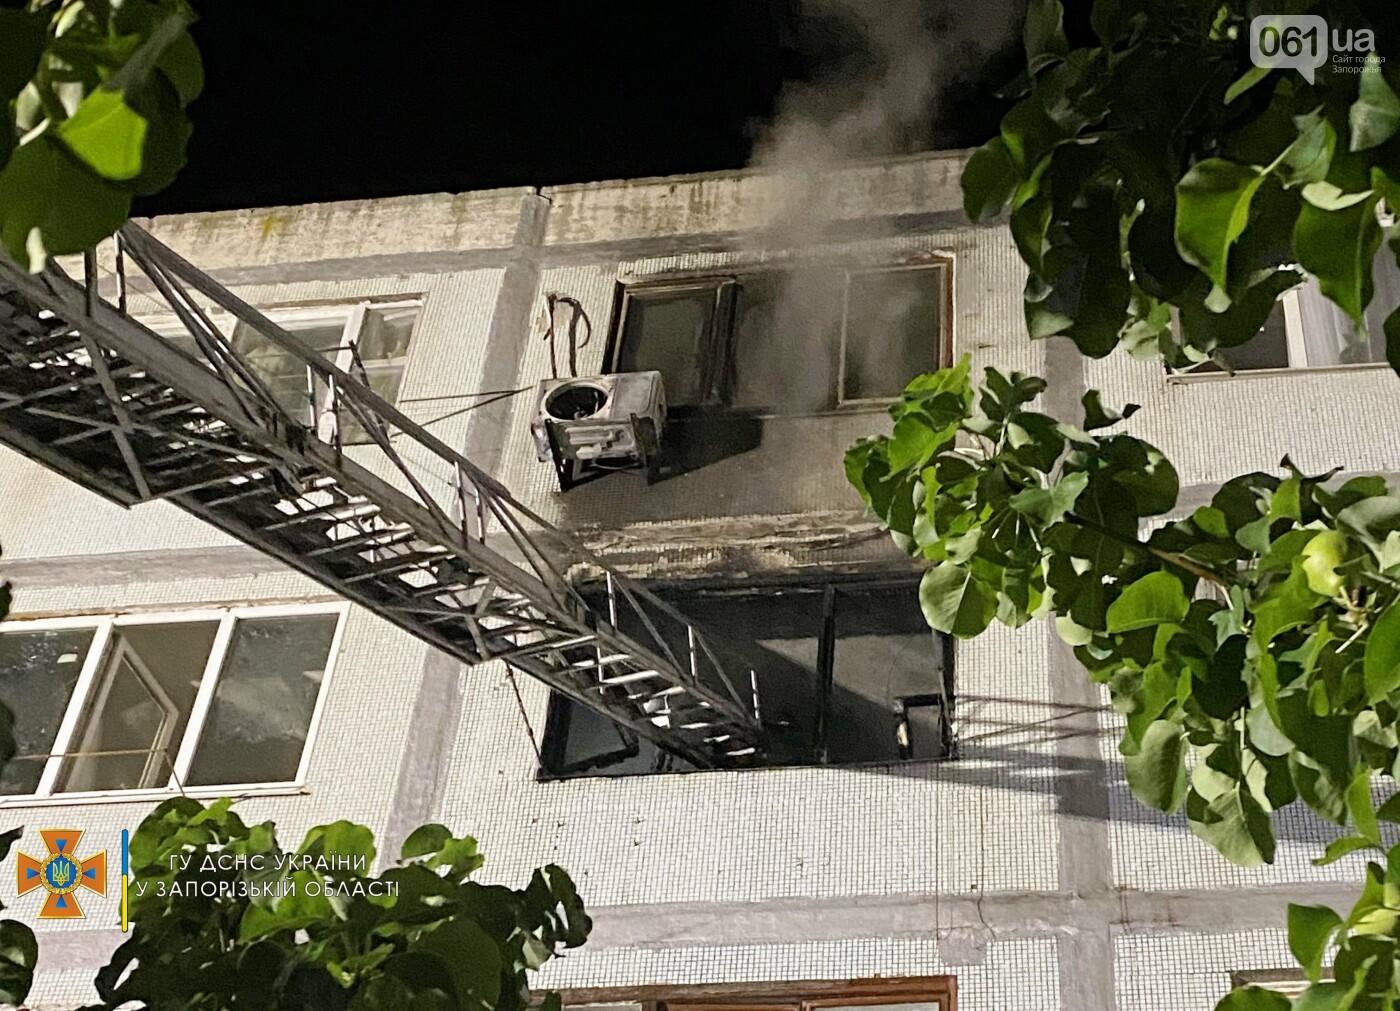 img6186result 60ec25a2b23a4 - В Энергодаре эвакуировали жильцов многоэтажки из-за пожара, - ФОТО